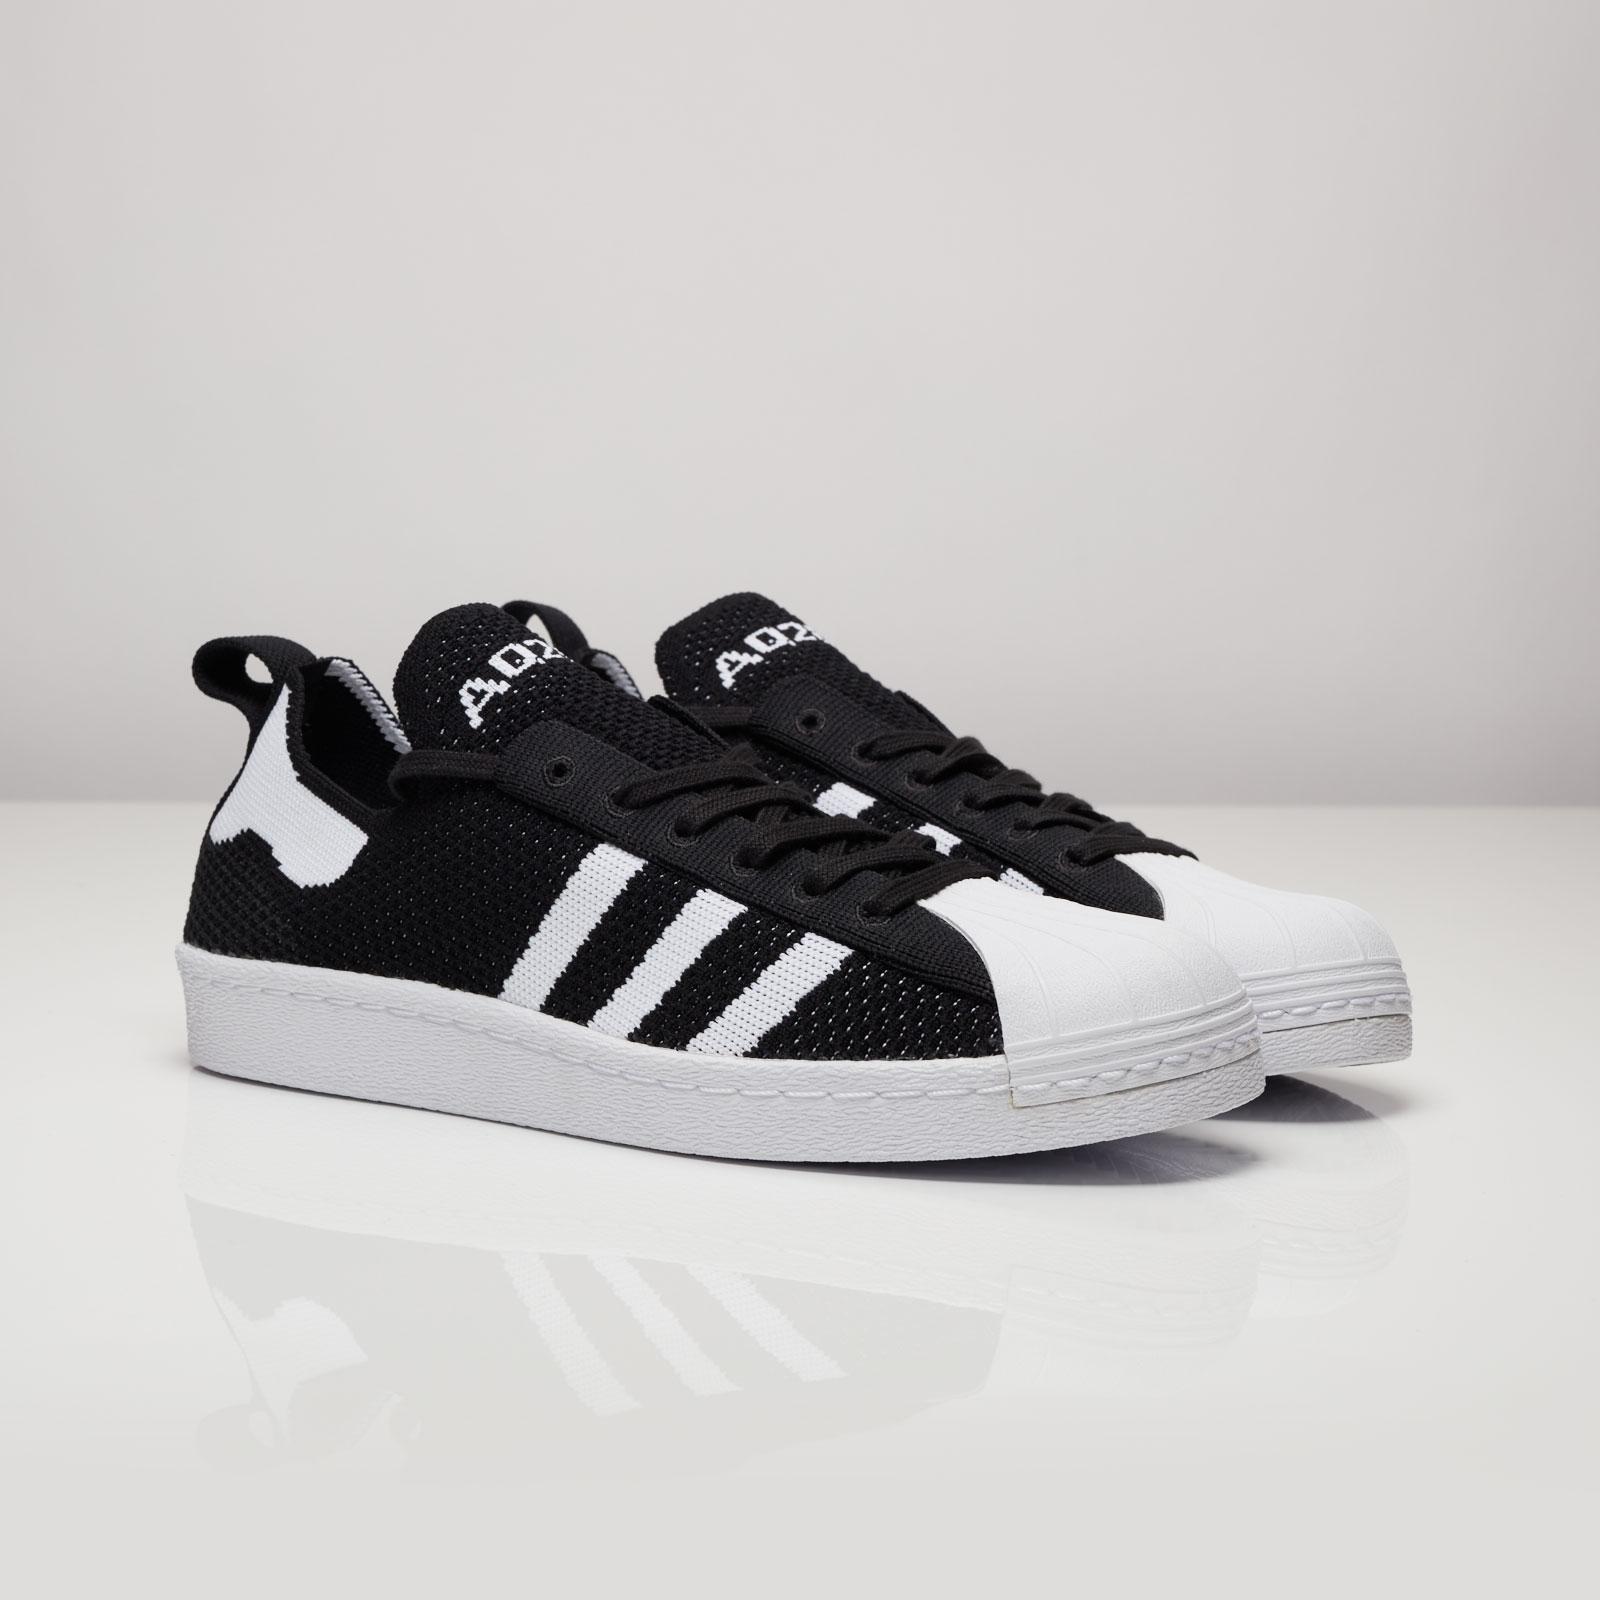 size 40 25da9 e5989 adidas Wmns Superstar 80s PK - Aq2881 - Sneakersnstuff ...